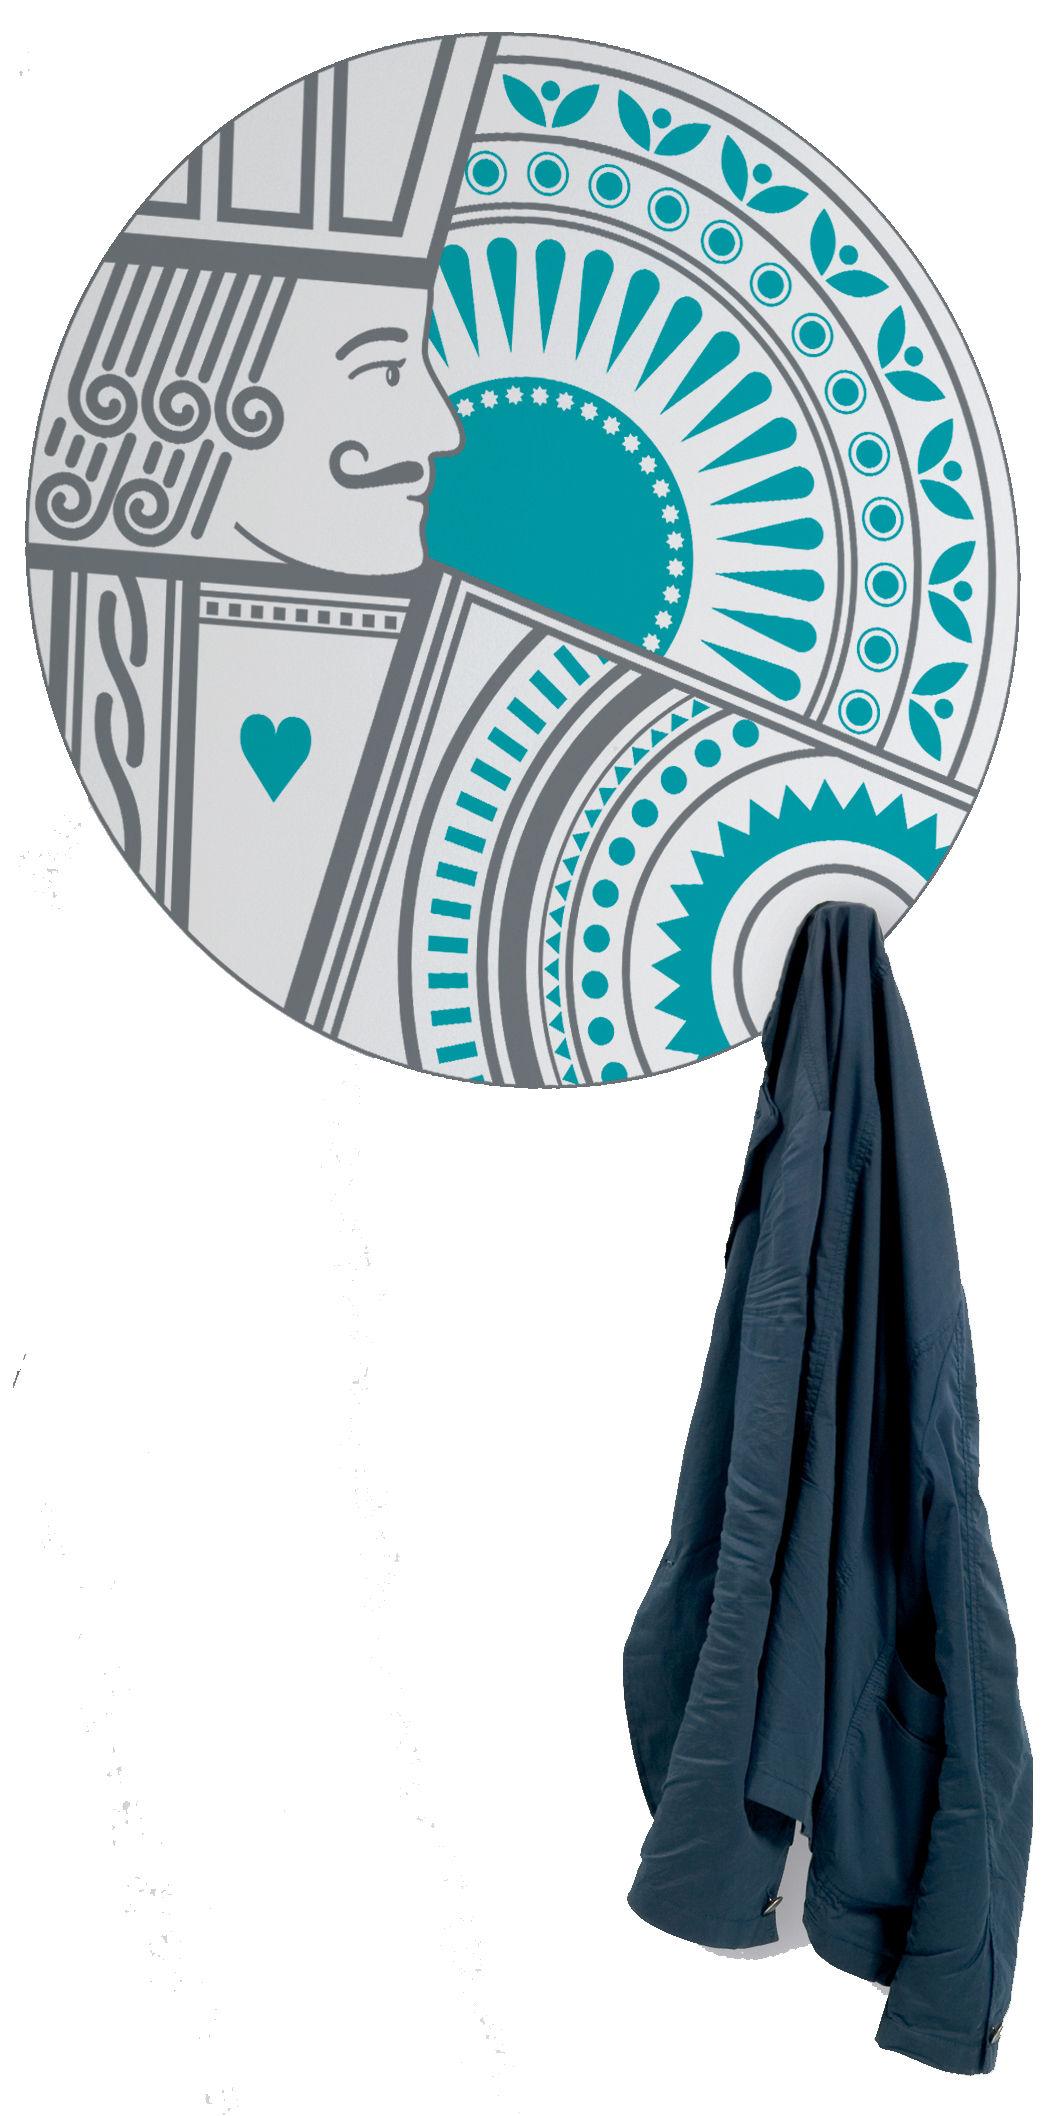 Arredamento - Appendiabiti  - Sticker A votre service - Appendiabiti di Domestic - Bleu - Vinile